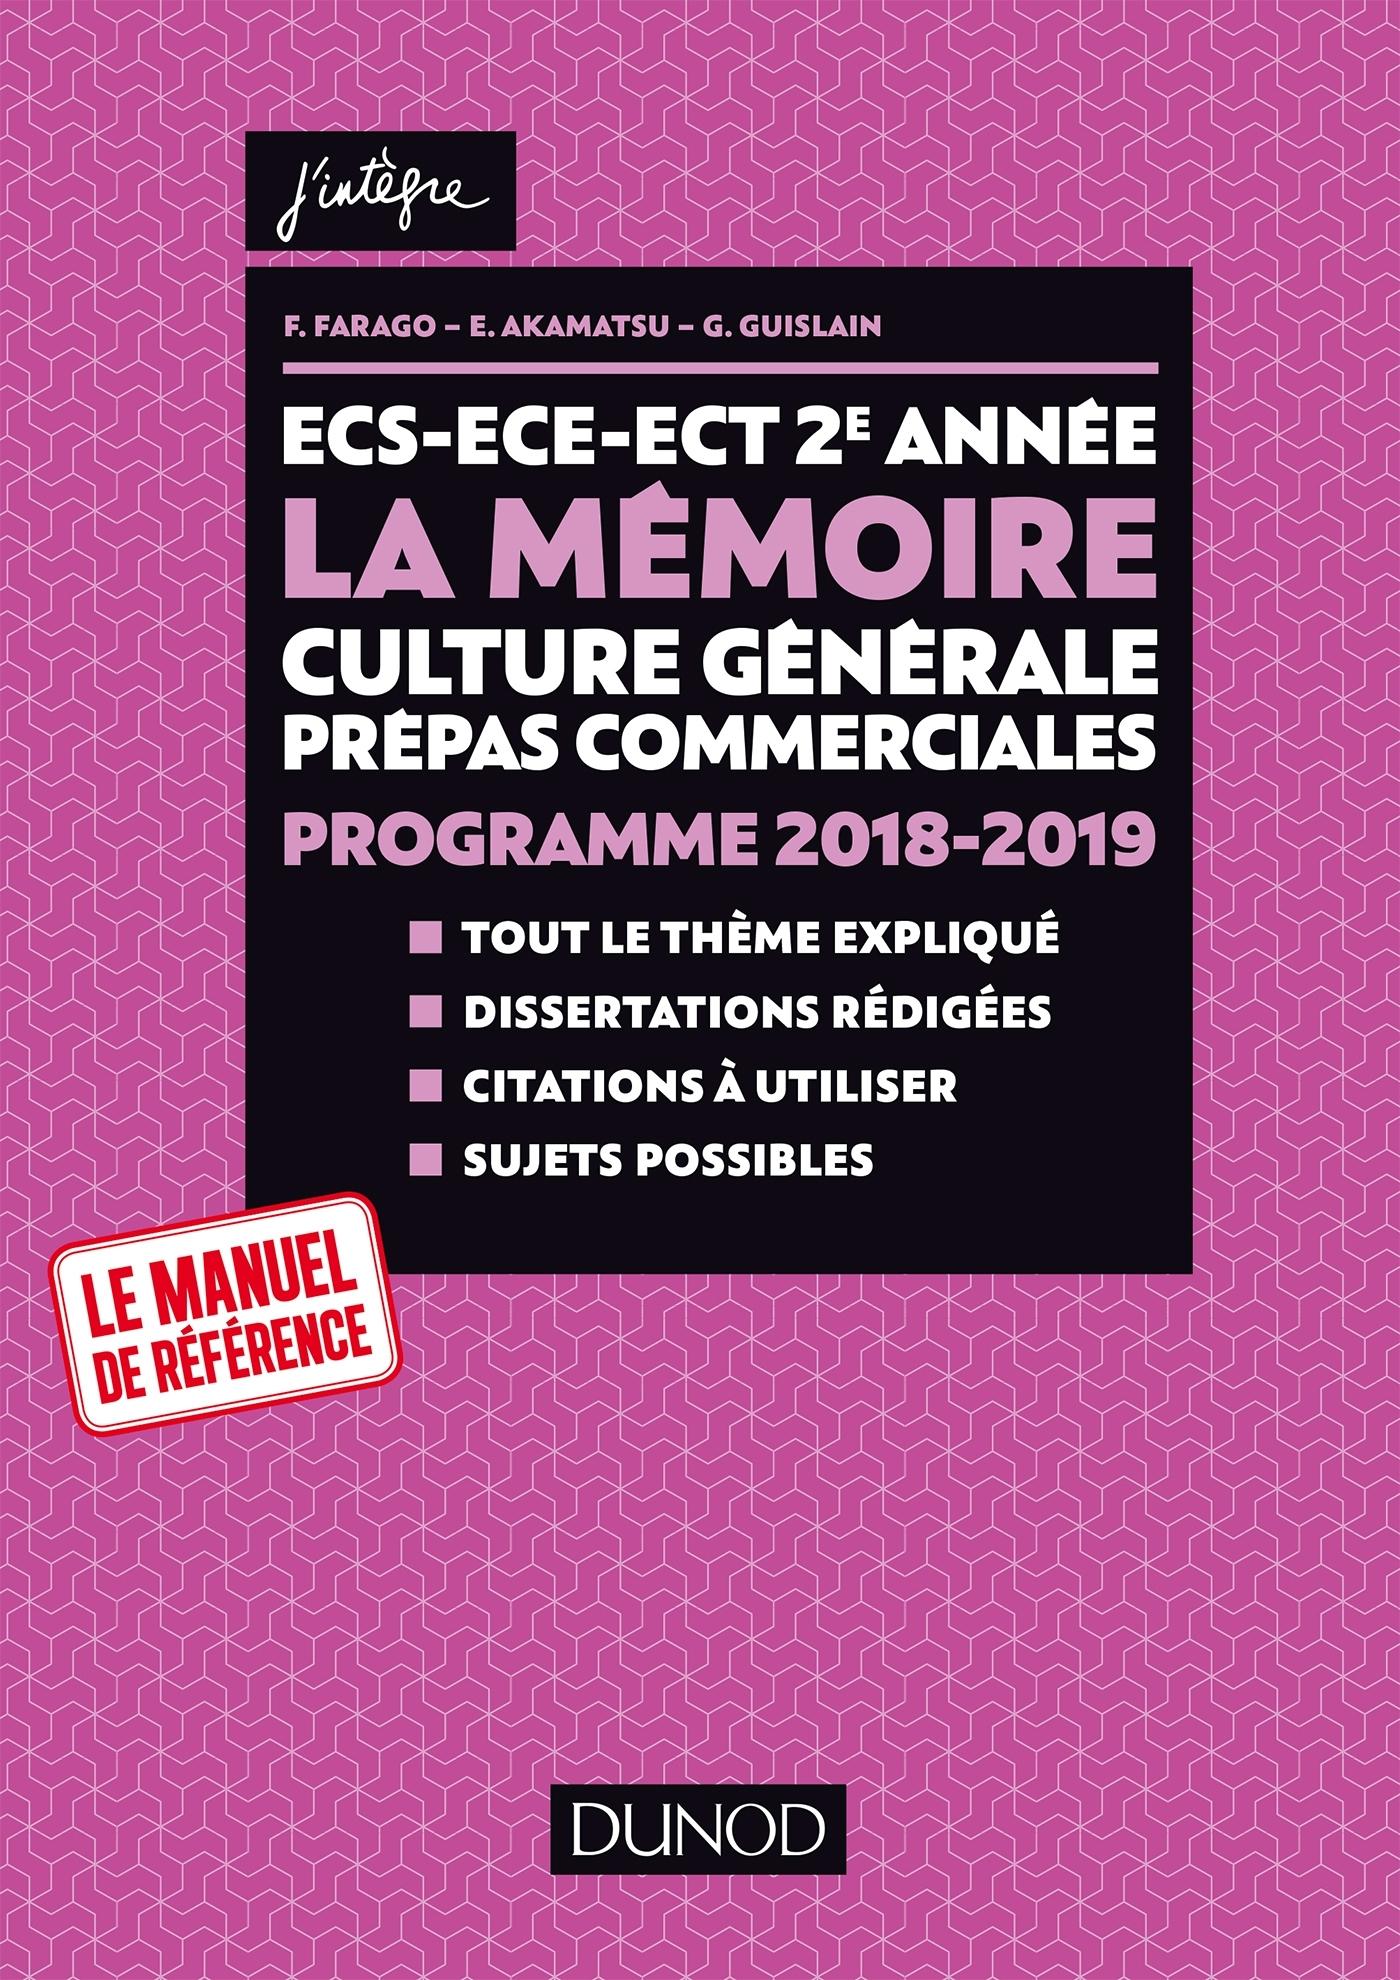 ECS-ECE-ECT 2E ANNEE - LA MEMOIRE - CULTURE GENERALE PREPAS COMMERCIALES - PROGRAMME 2018-2019